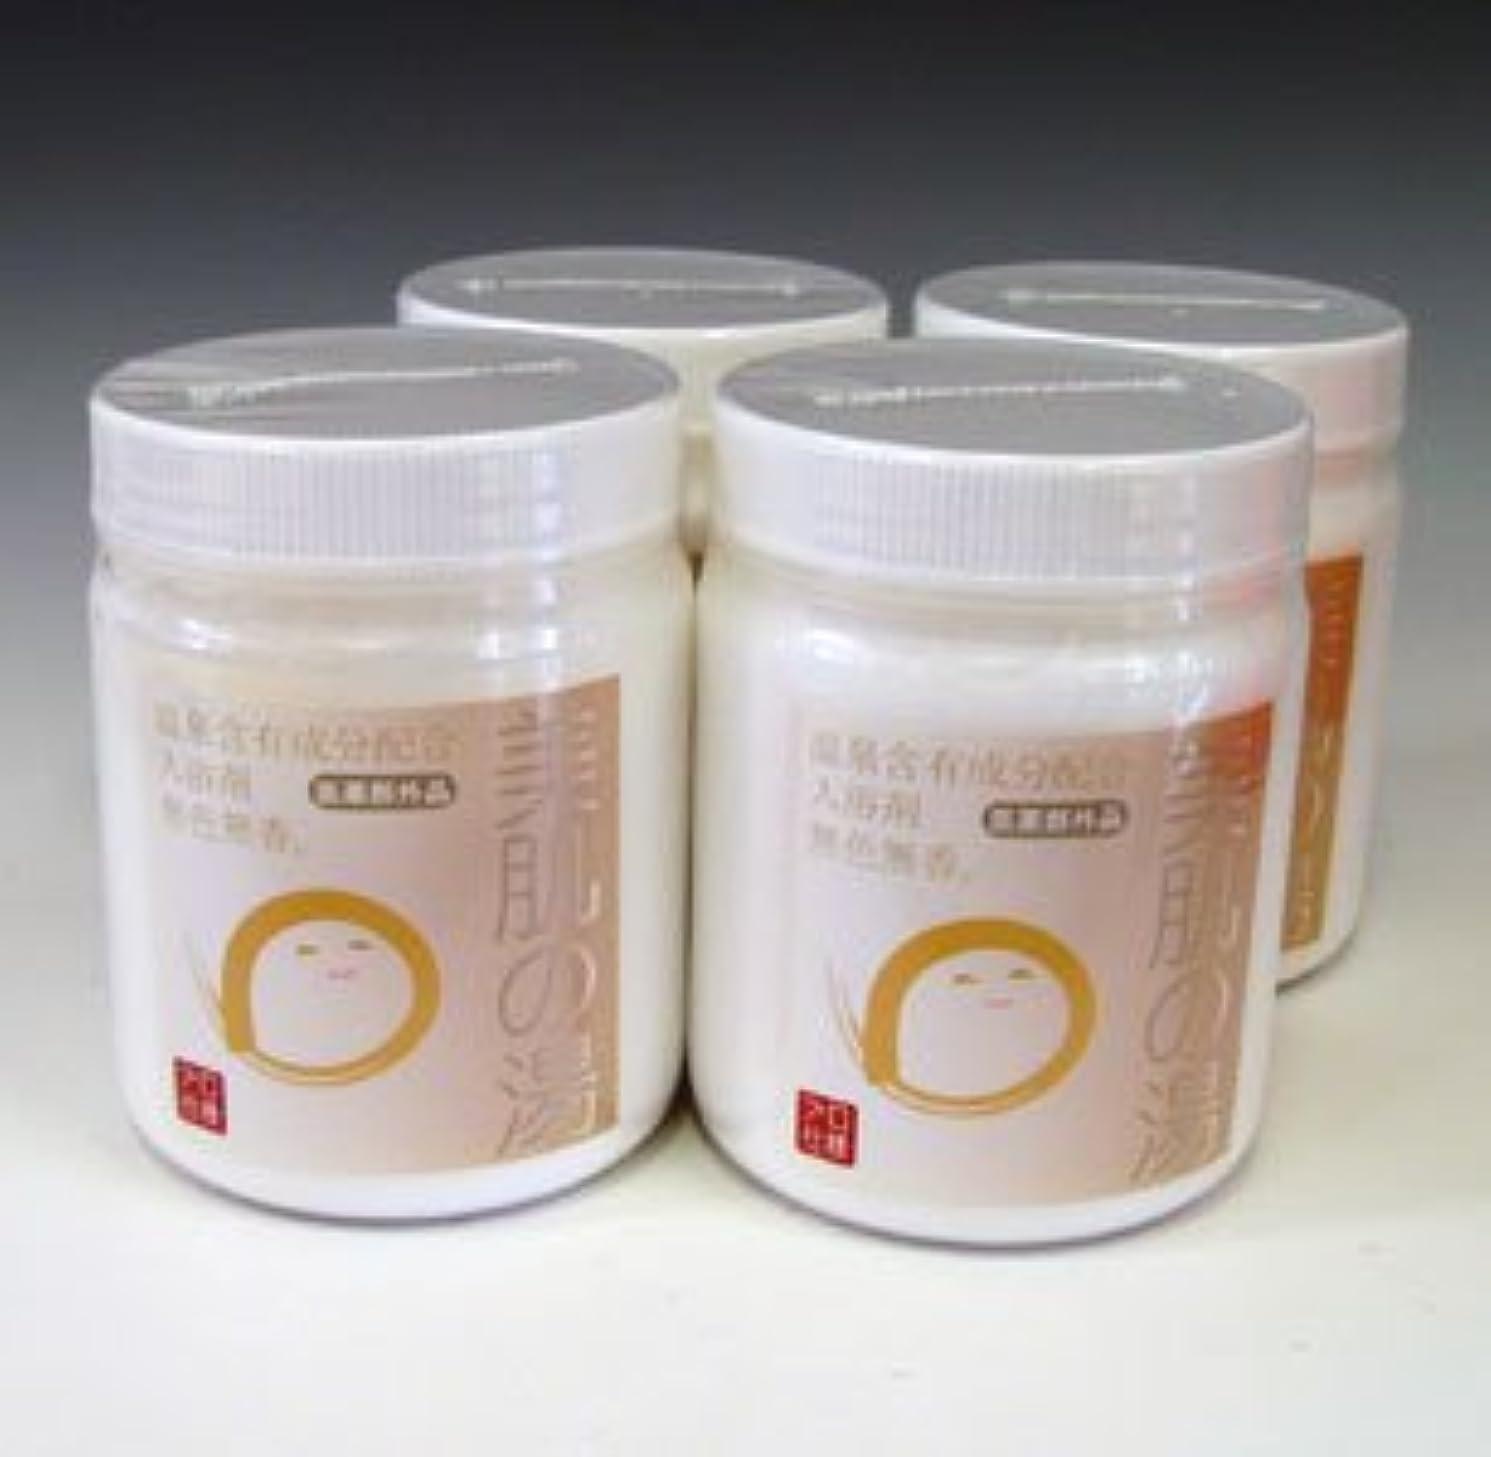 値下げ資金迷惑温泉入浴剤 アルカリ単純泉PH9.5 美肌の湯600g 4本セット